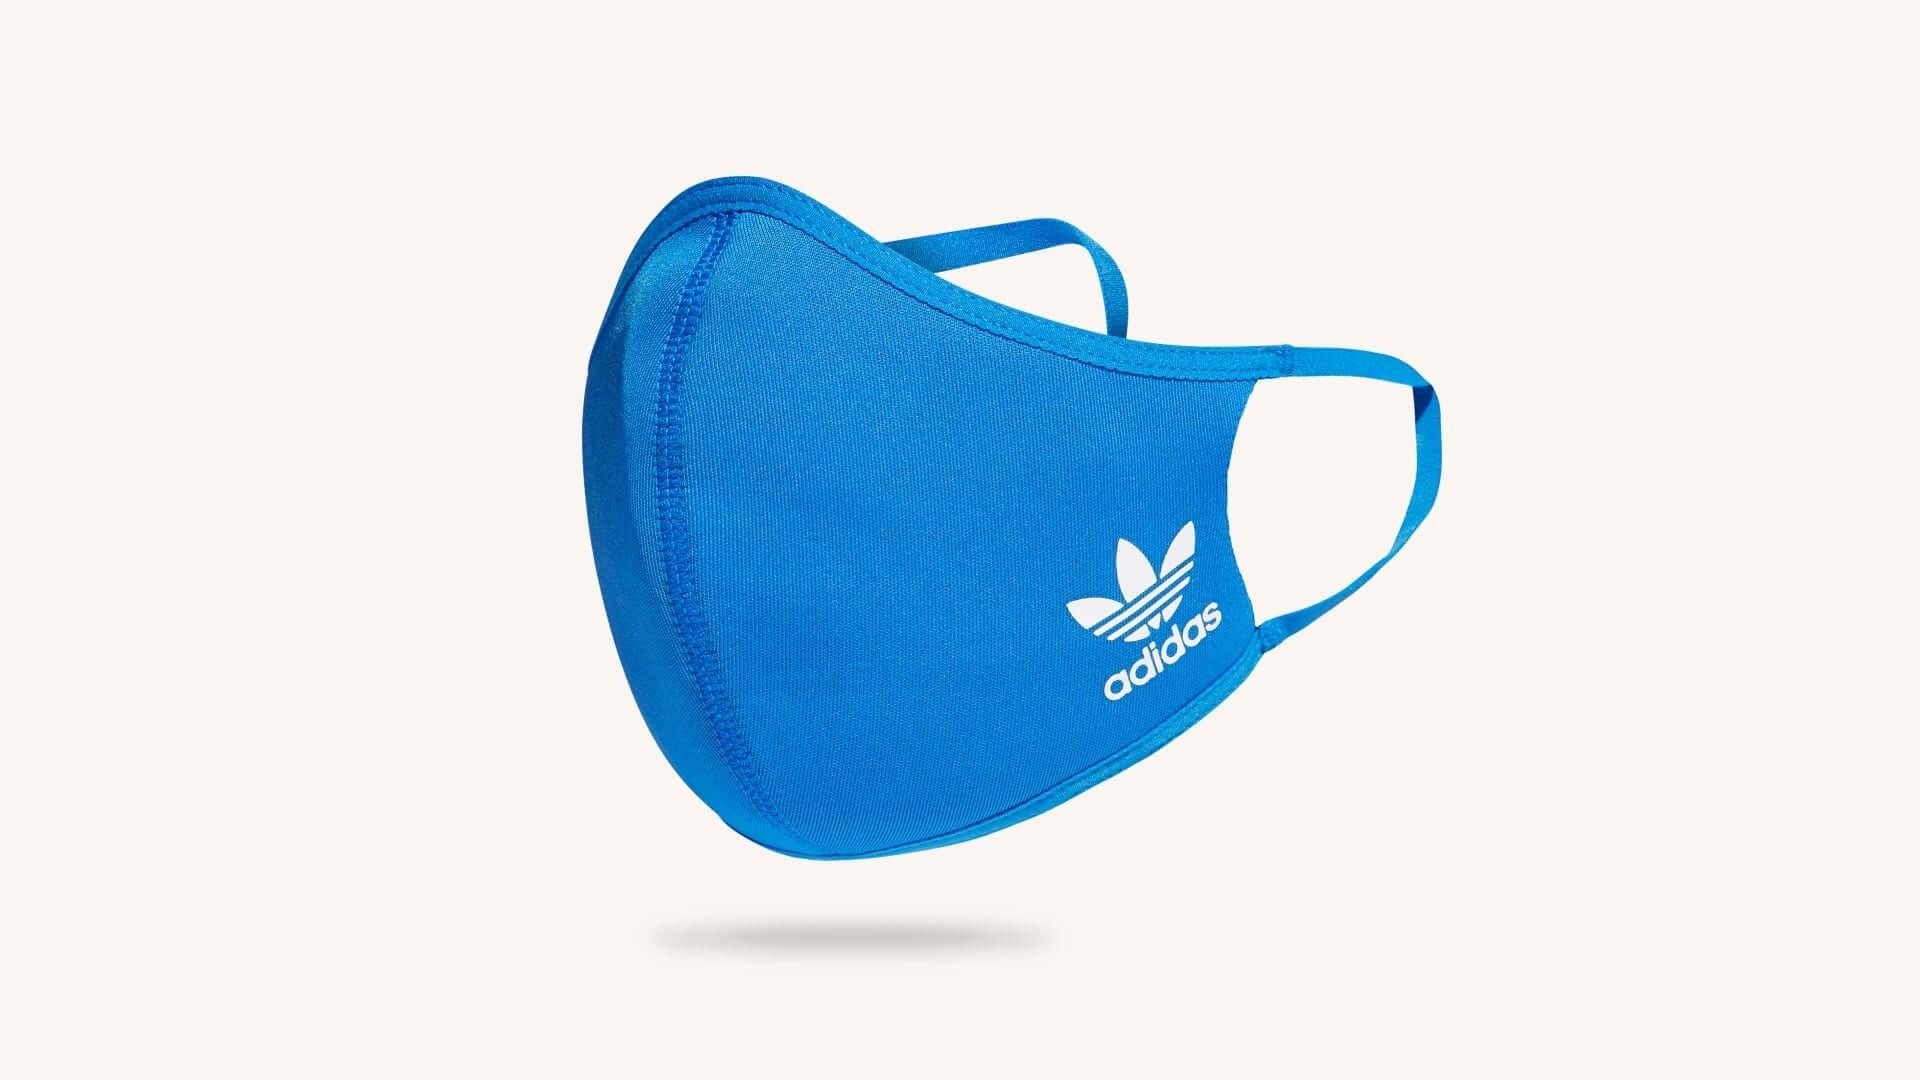 adidasよりリサイクル素材を使用した洗濯可能なマスク『adidas FACE COVER』が登場&予約受付がスタート! lf200803_adidas-mask_2-1920x1080